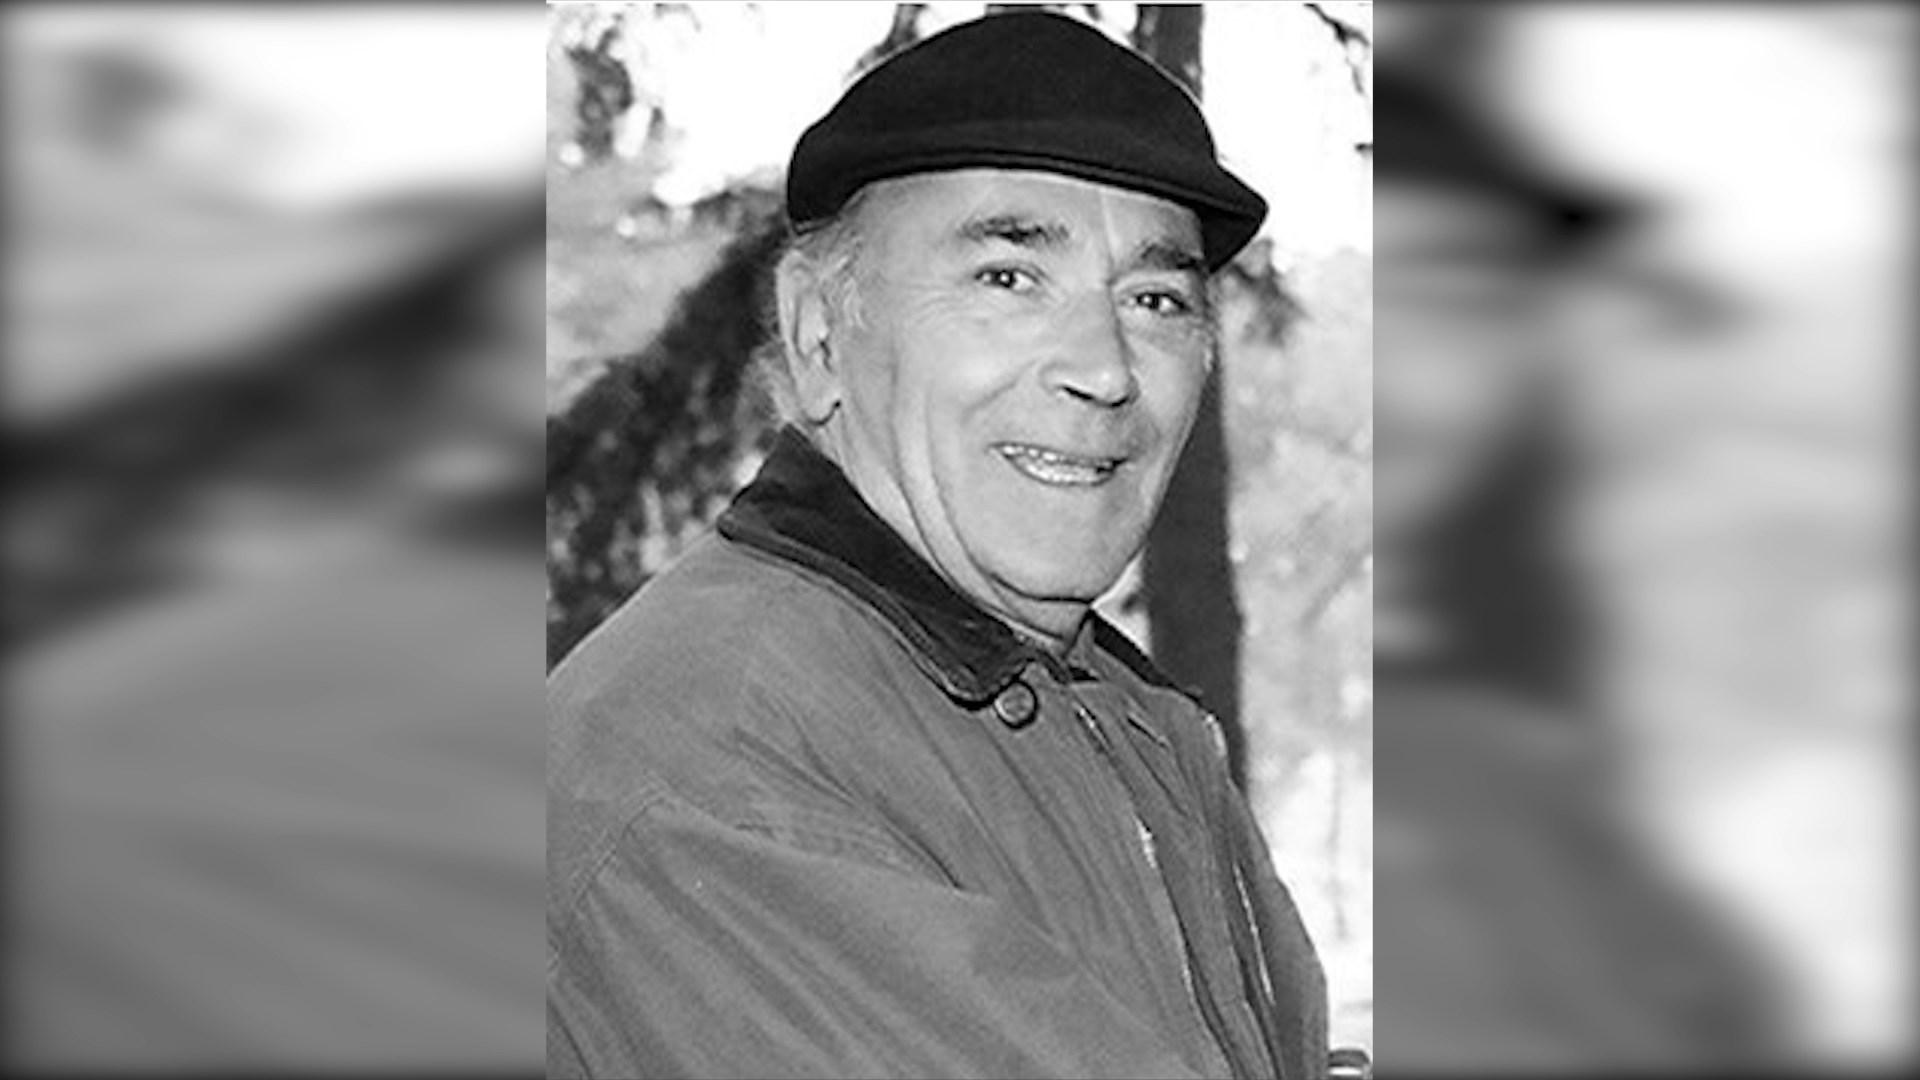 Ndahet nga jeta në moshën 75 vjeçare Sulejman Dibra